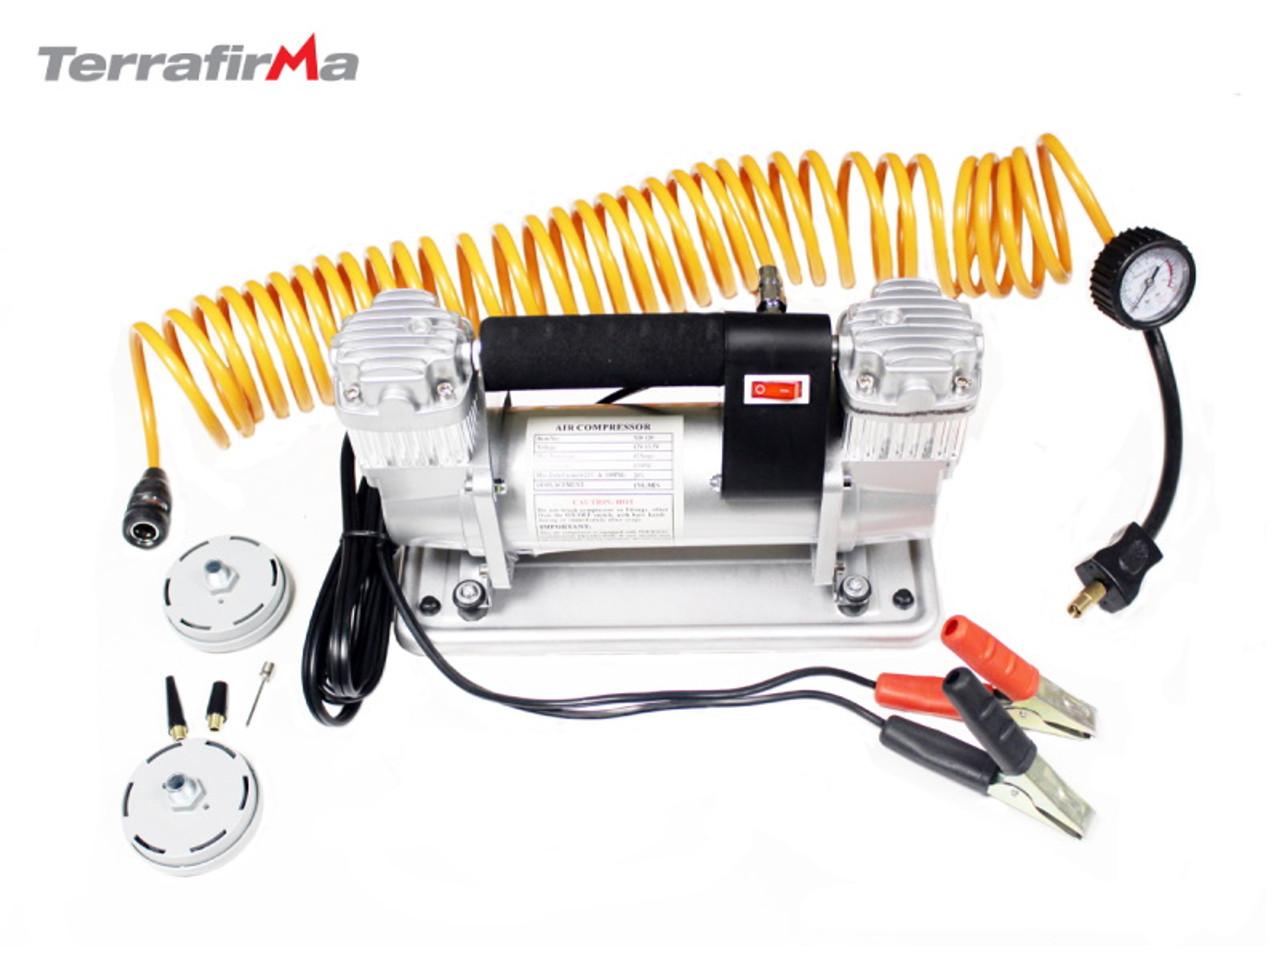 Double Pump Portable Air Ccompressor